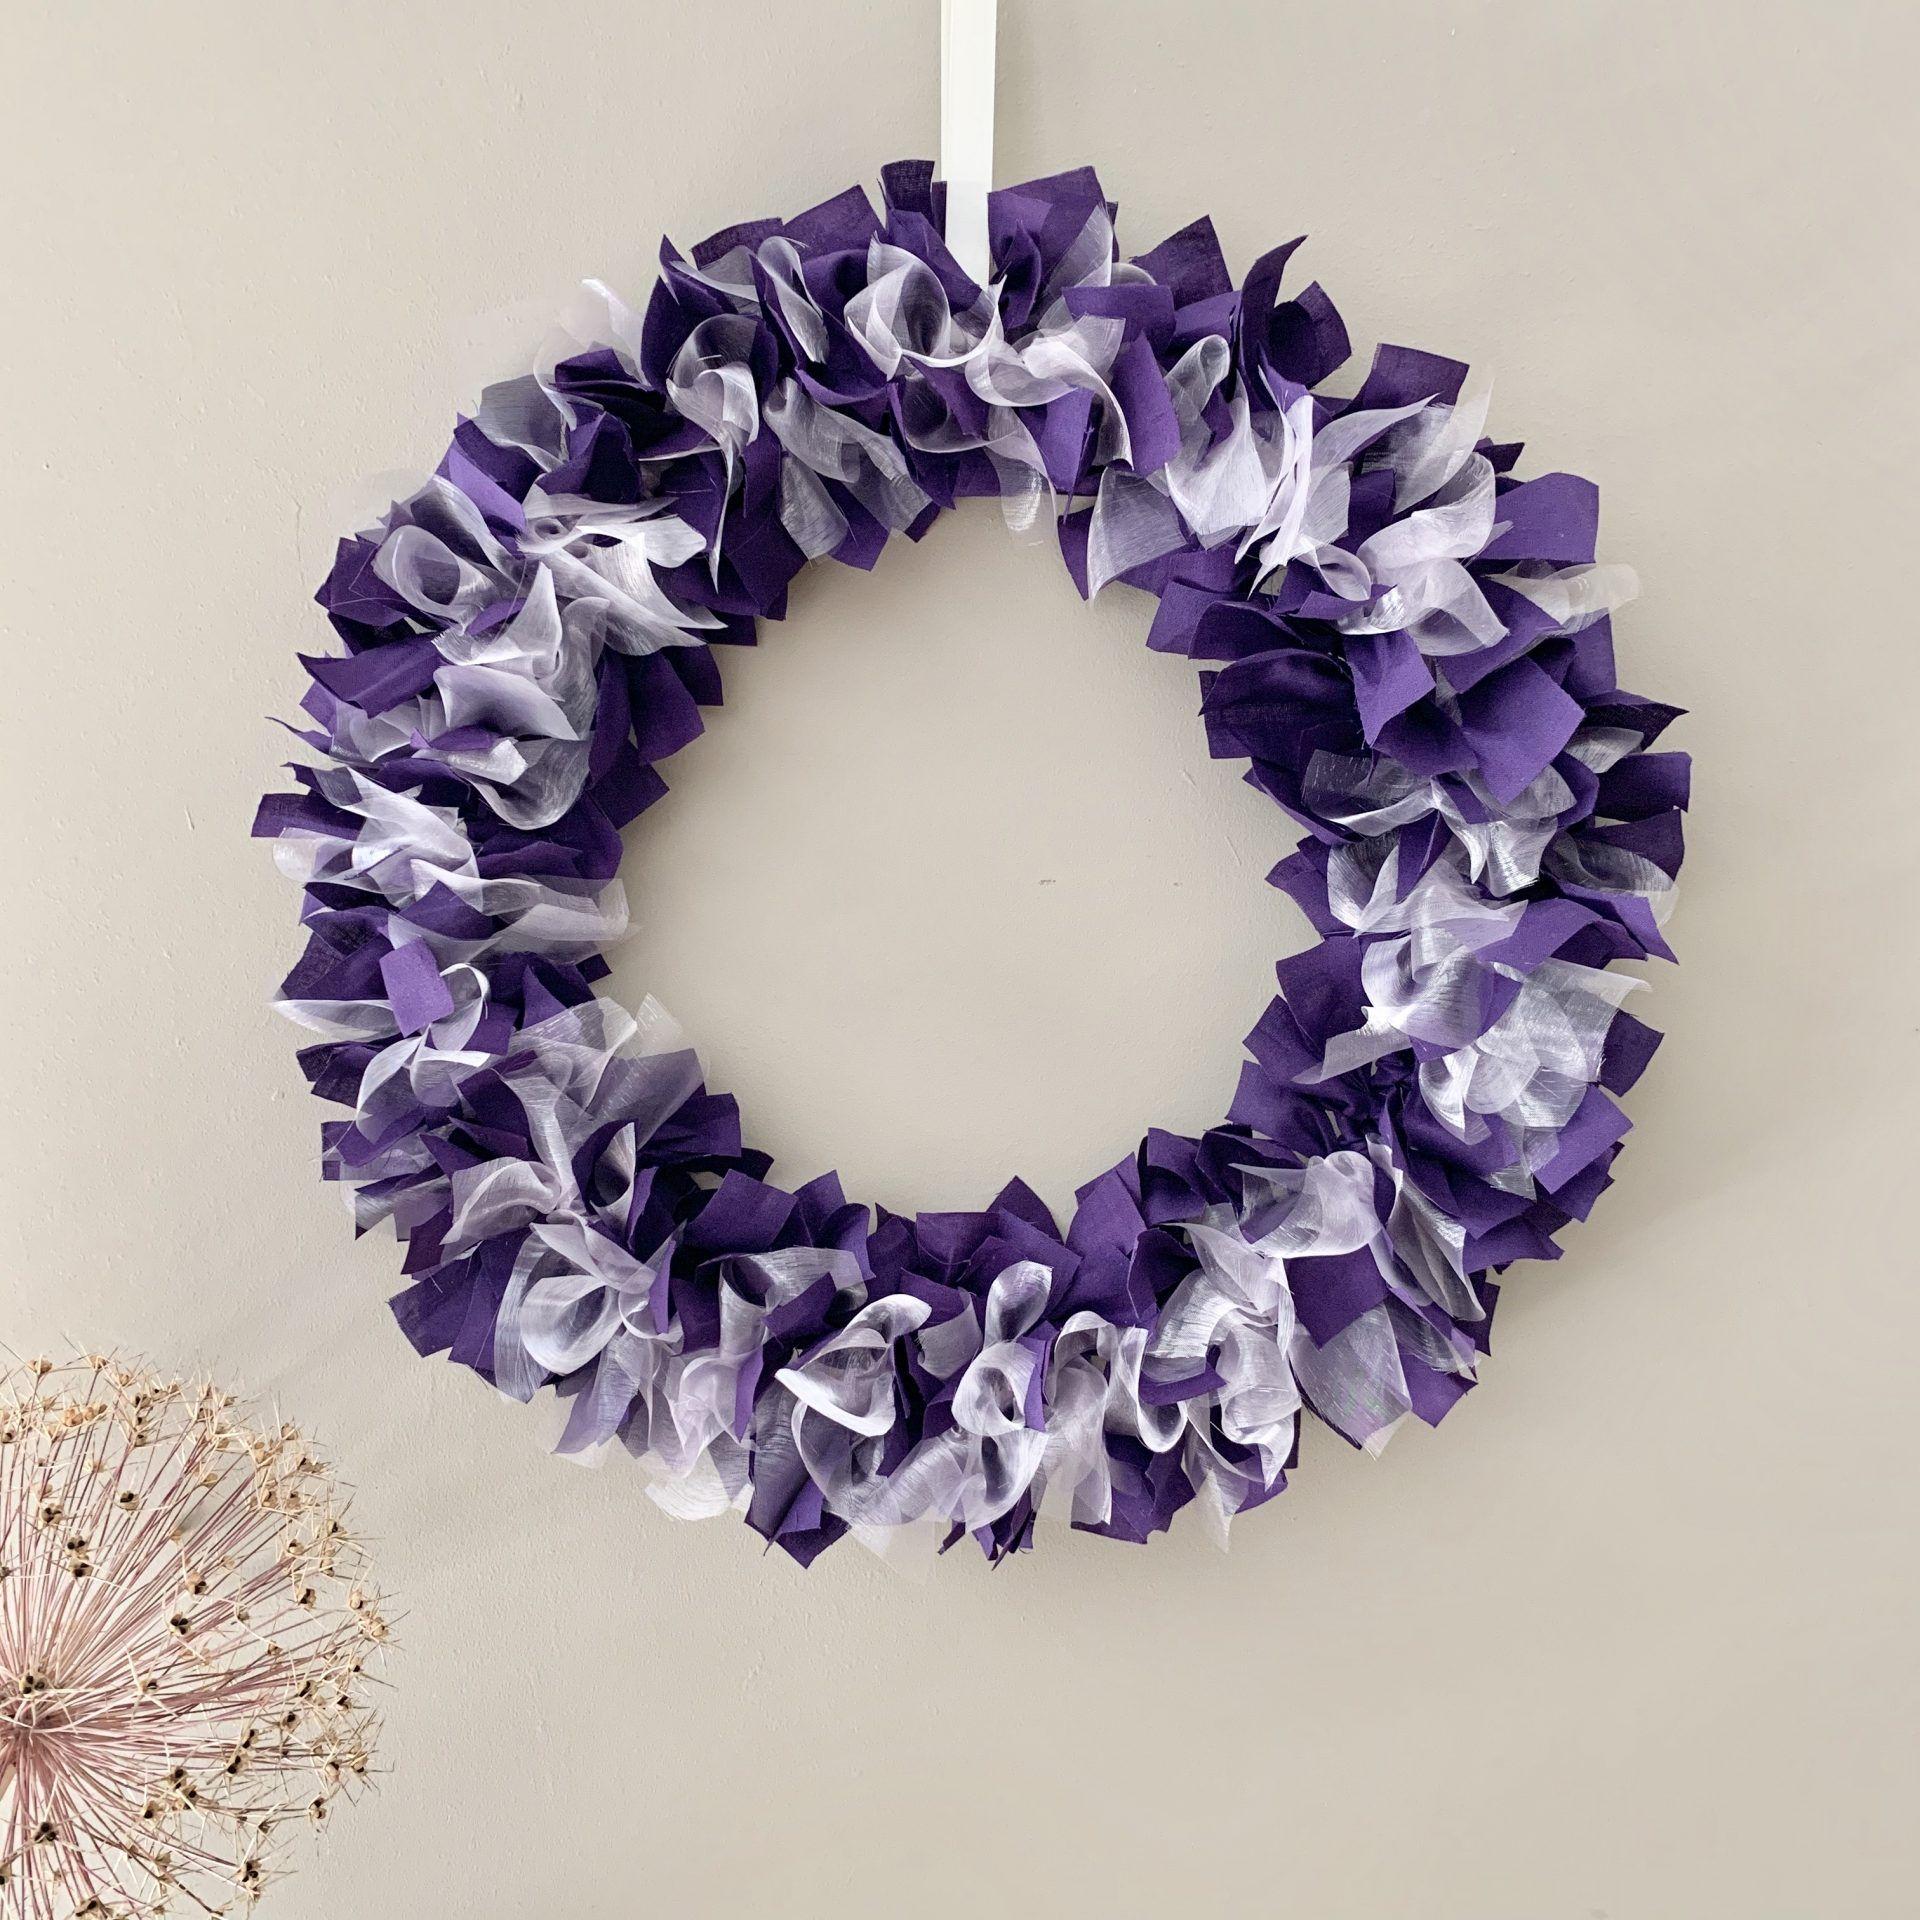 Photo of Handgemachte lila Baumwolle und weißer Organza-Lappenkranz, hängende Wanddekoration. – Das britische Handwerkshaus